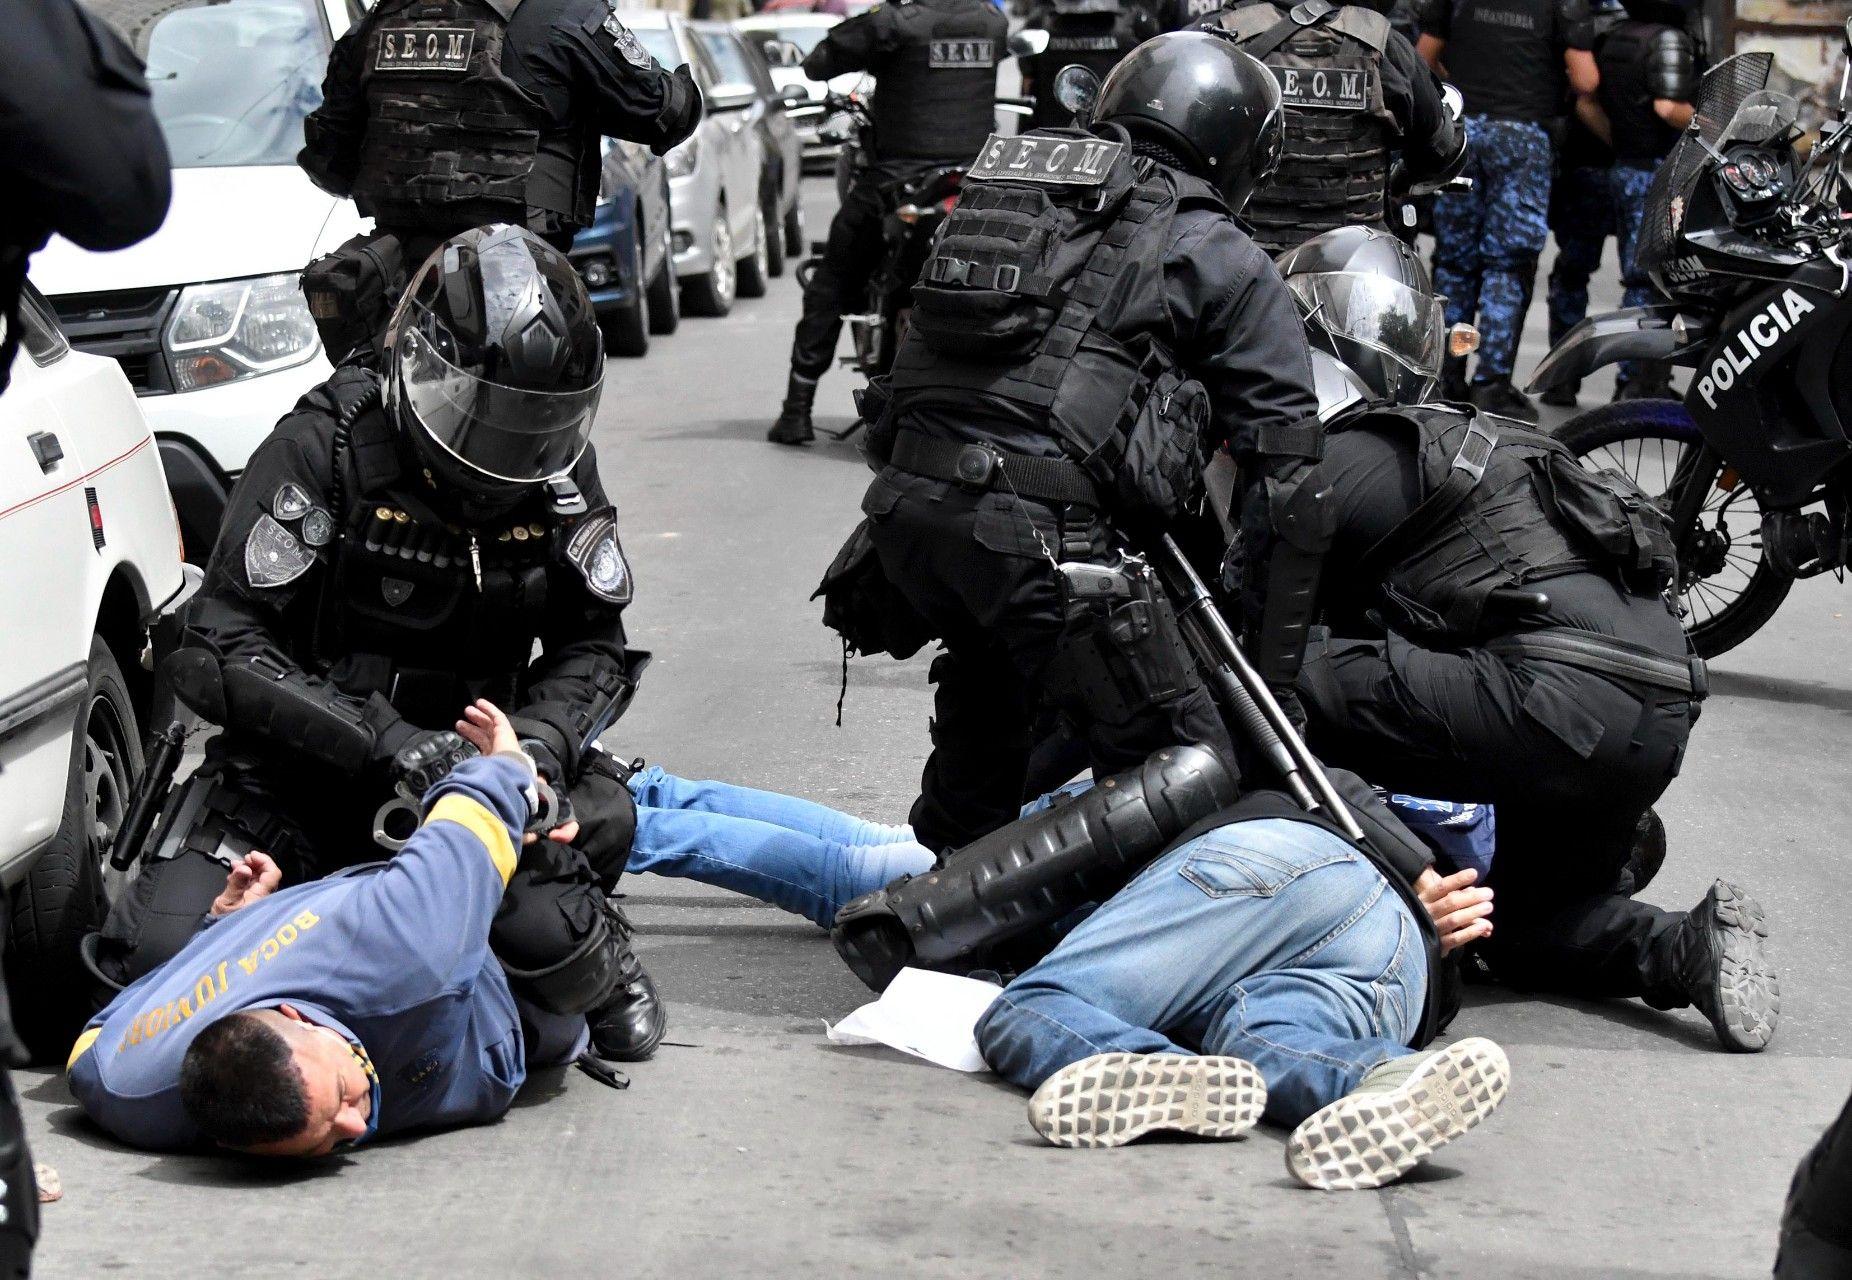 argentina - [ ARGENTINA  ] Represion y crimenes del Estado  - Página 2 Imagen_7899